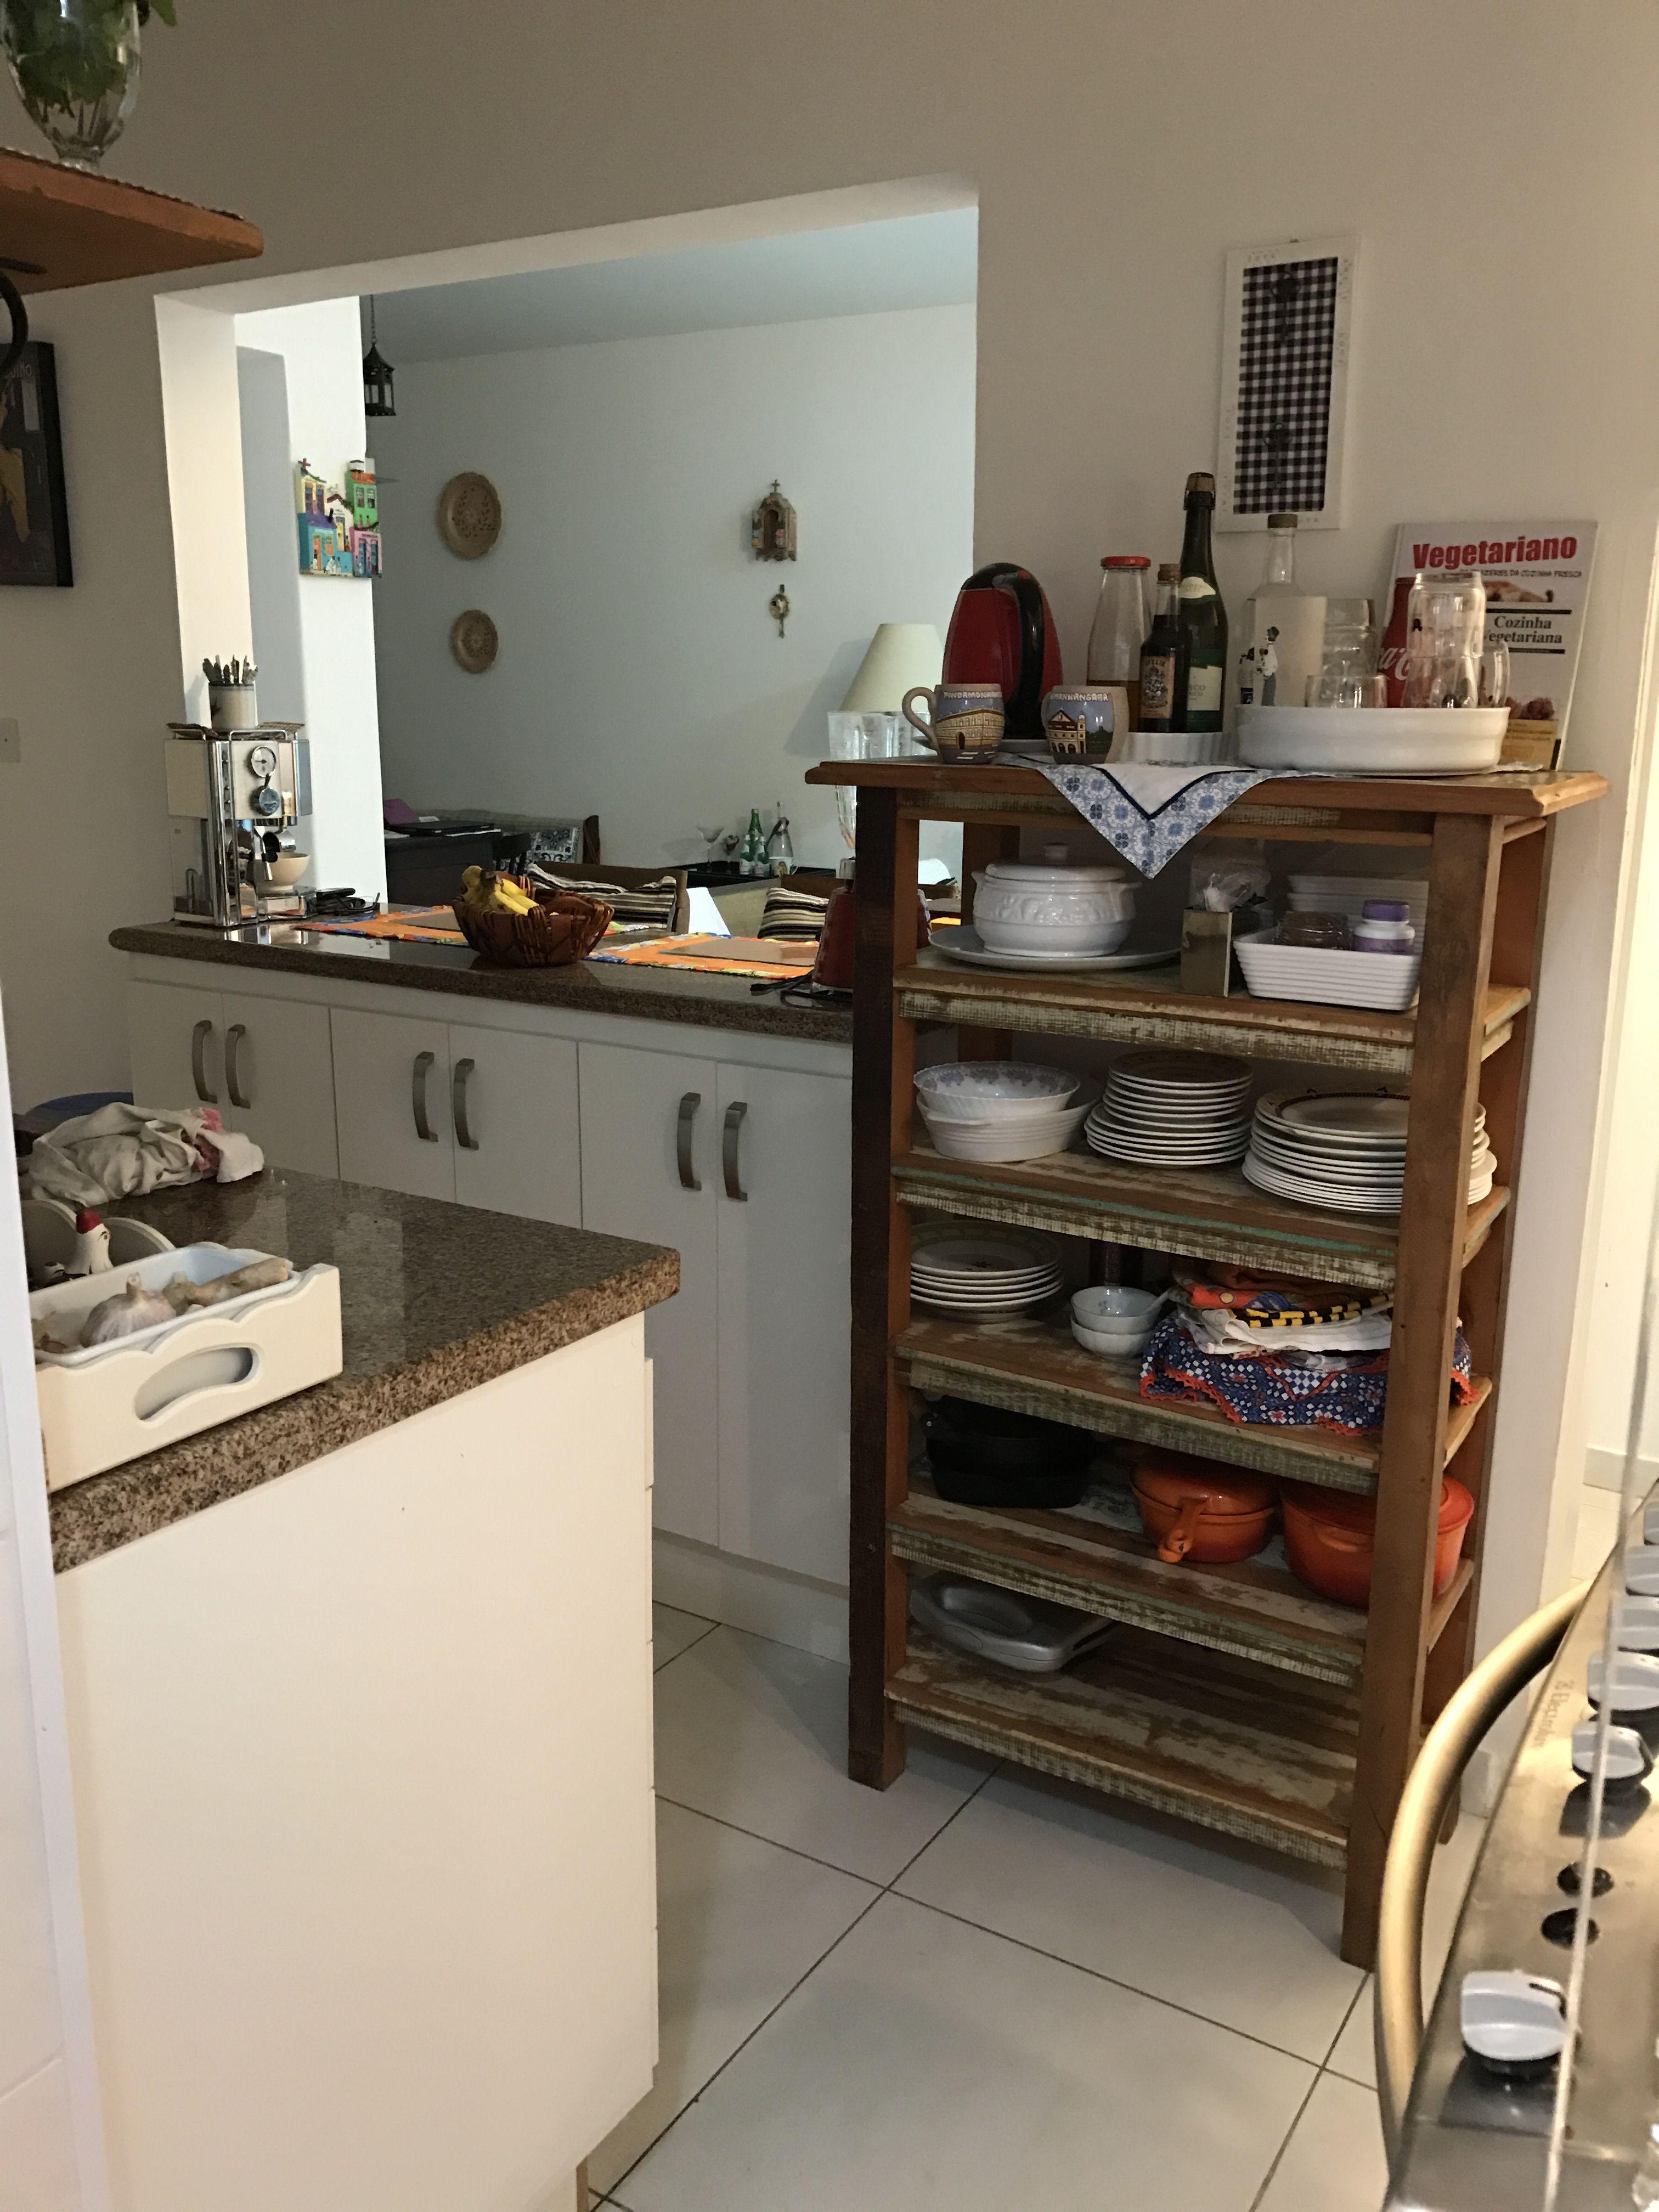 Cozinha Rstica E Moderna Com Tijolos Aparentes E Estilo Rstico